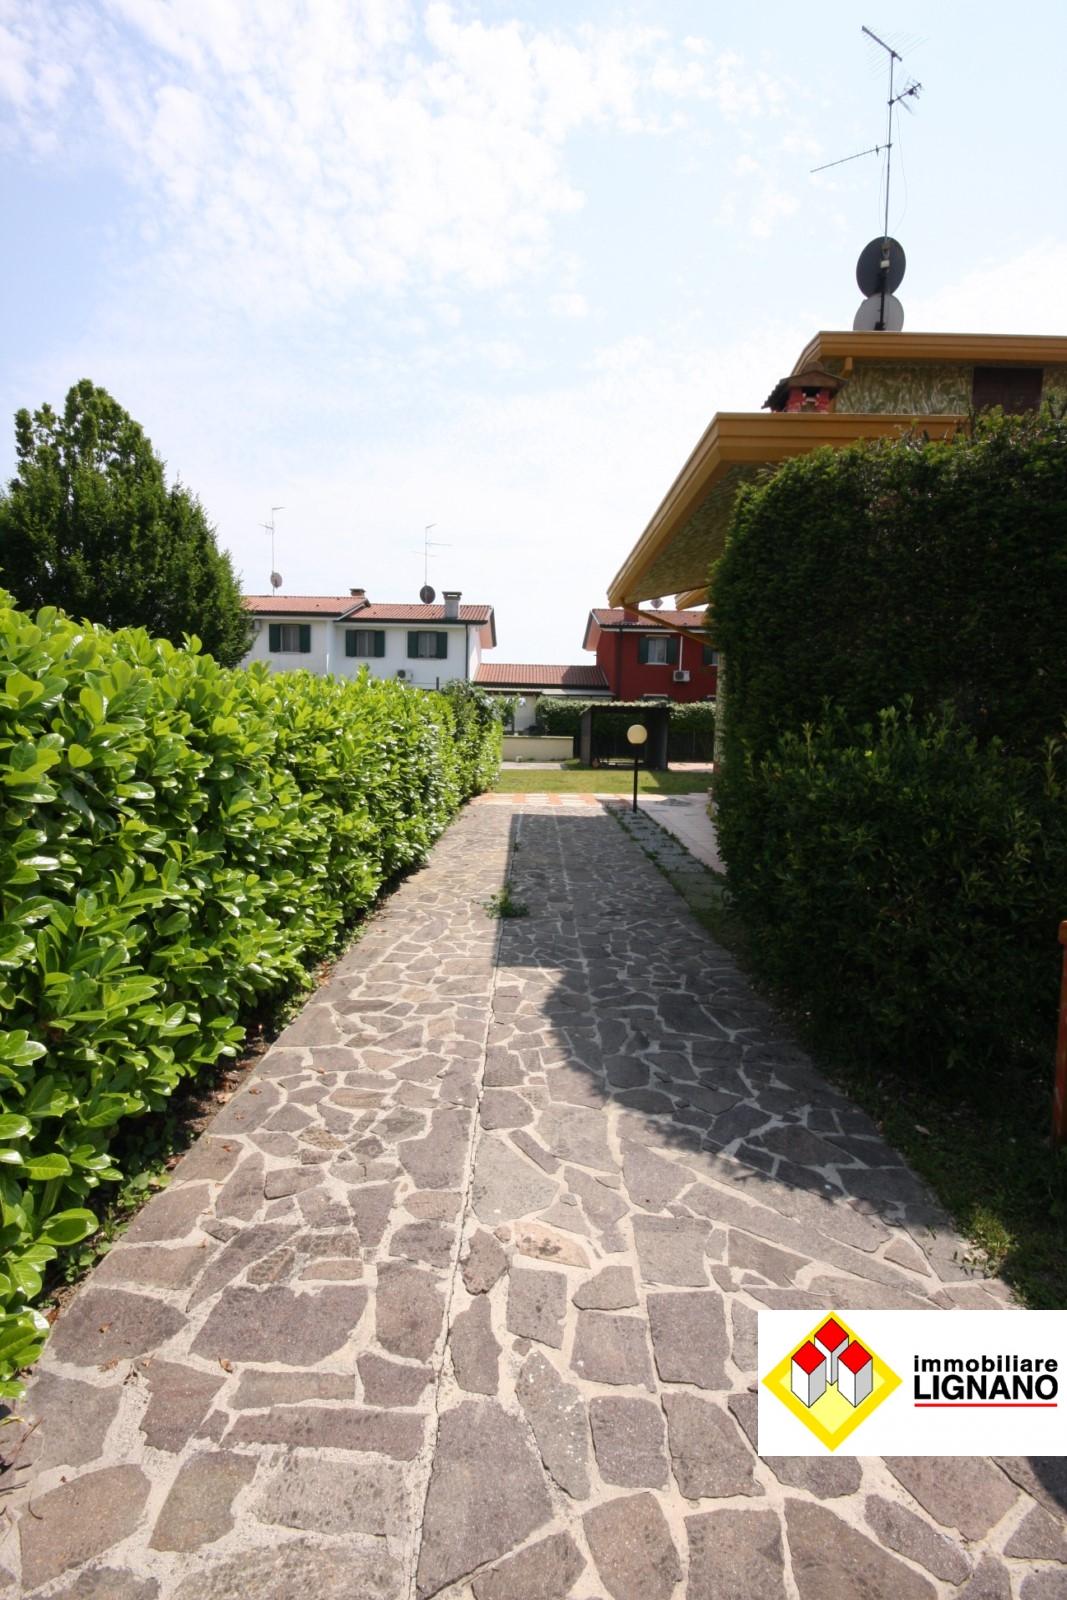 Villa in vendita a San Michele al Tagliamento, 7 locali, prezzo € 170.000 | CambioCasa.it